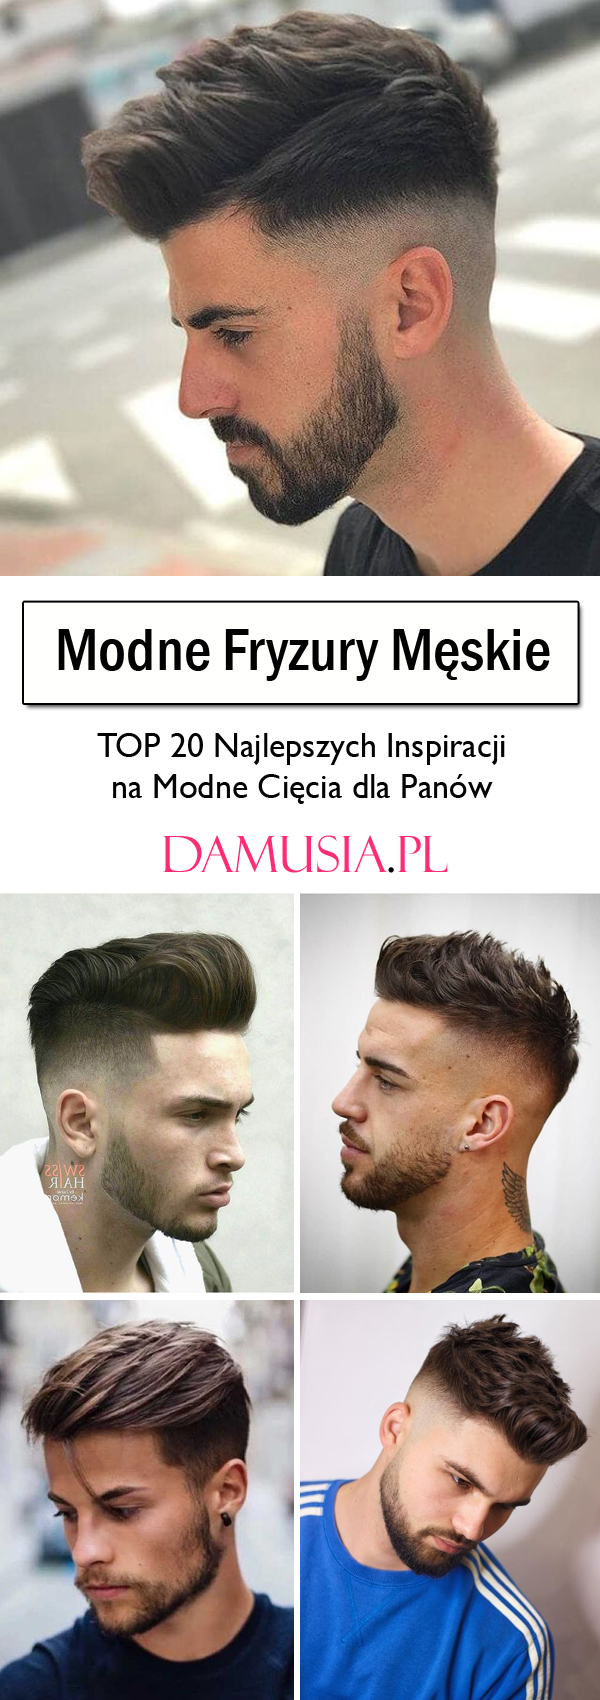 Modne Fryzury Męskie Top 20 Najlepszych Inspiracji Na